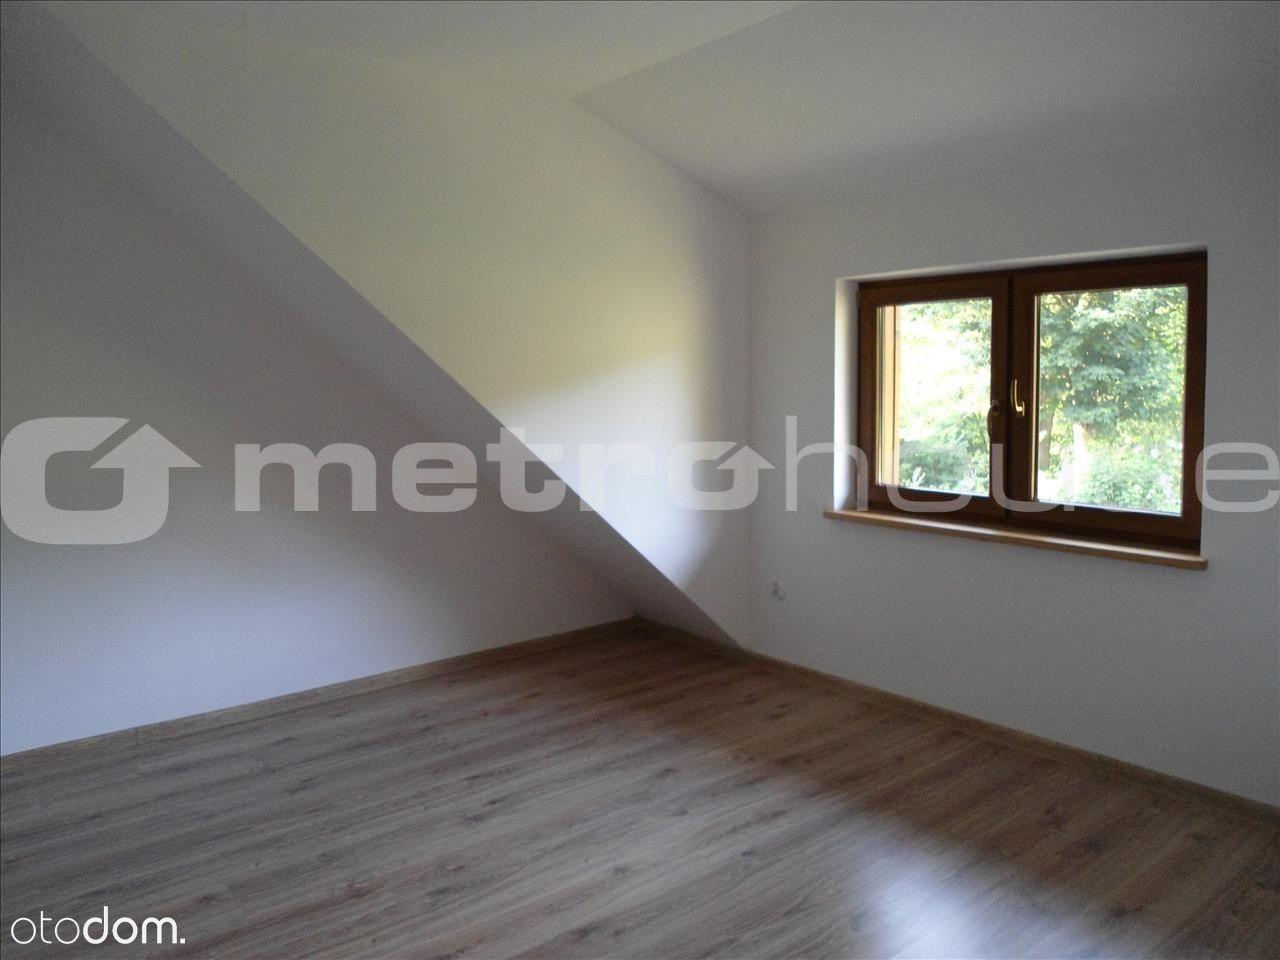 Dom na sprzedaż, Mieroszów, wałbrzyski, dolnośląskie - Foto 7